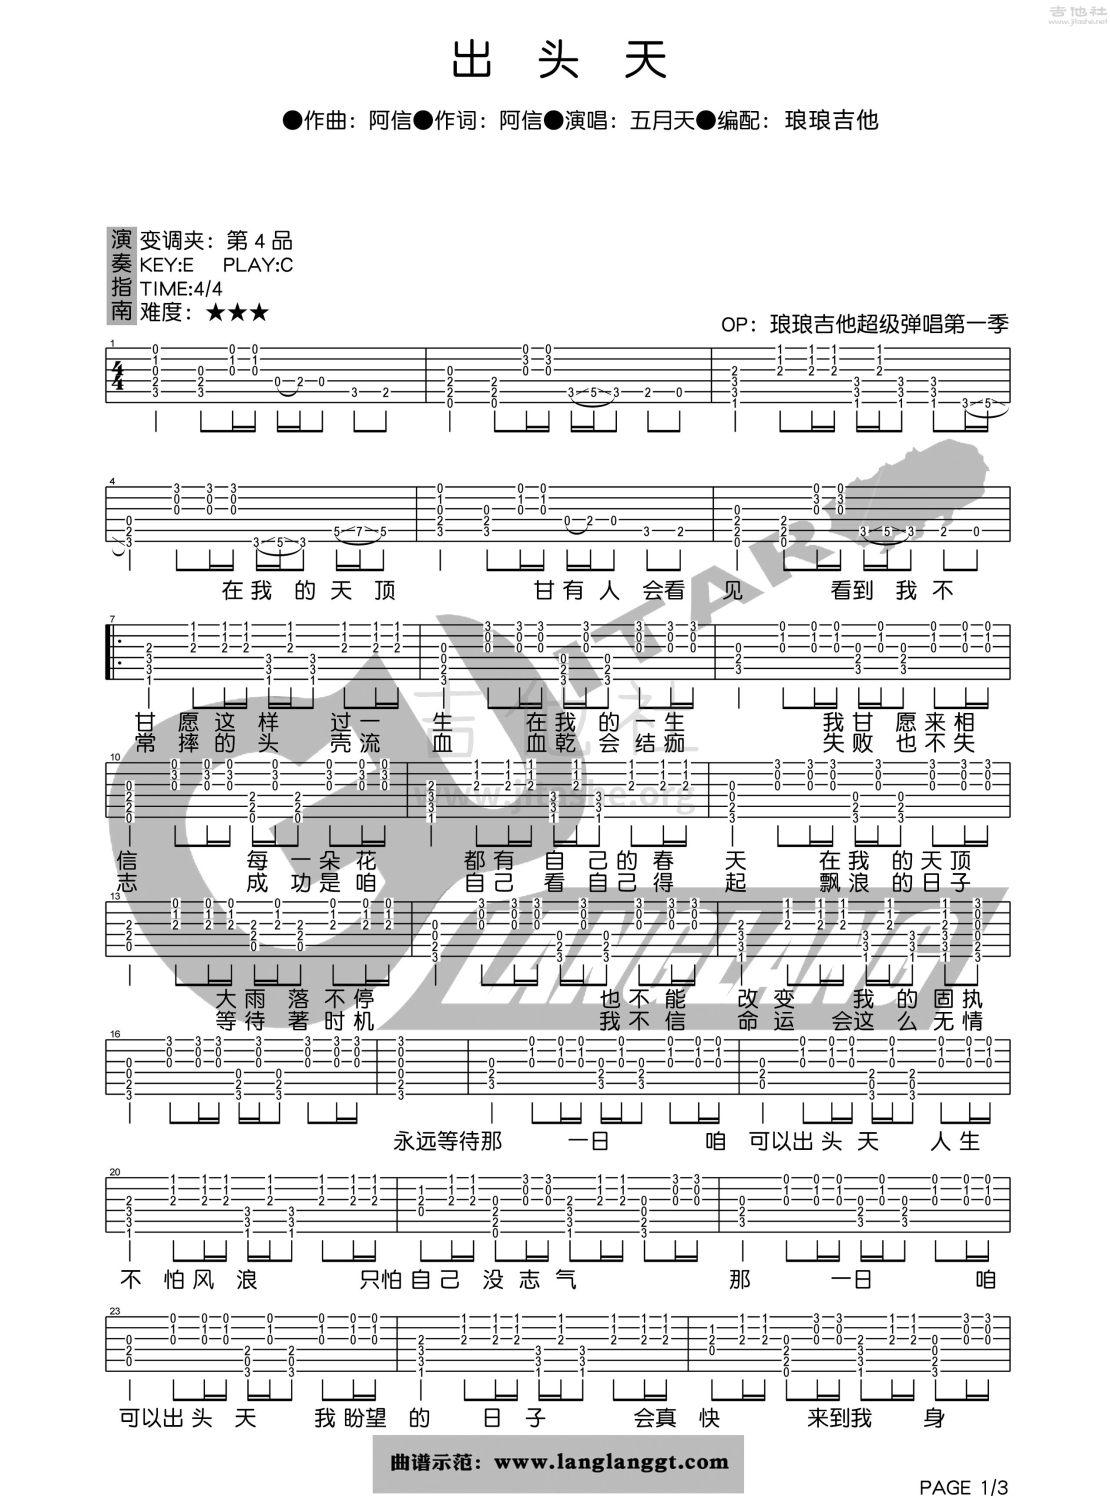 我操五月天_出头天吉他谱(图片谱,弹唱)_五月天(mayday)_出头天1.jpg